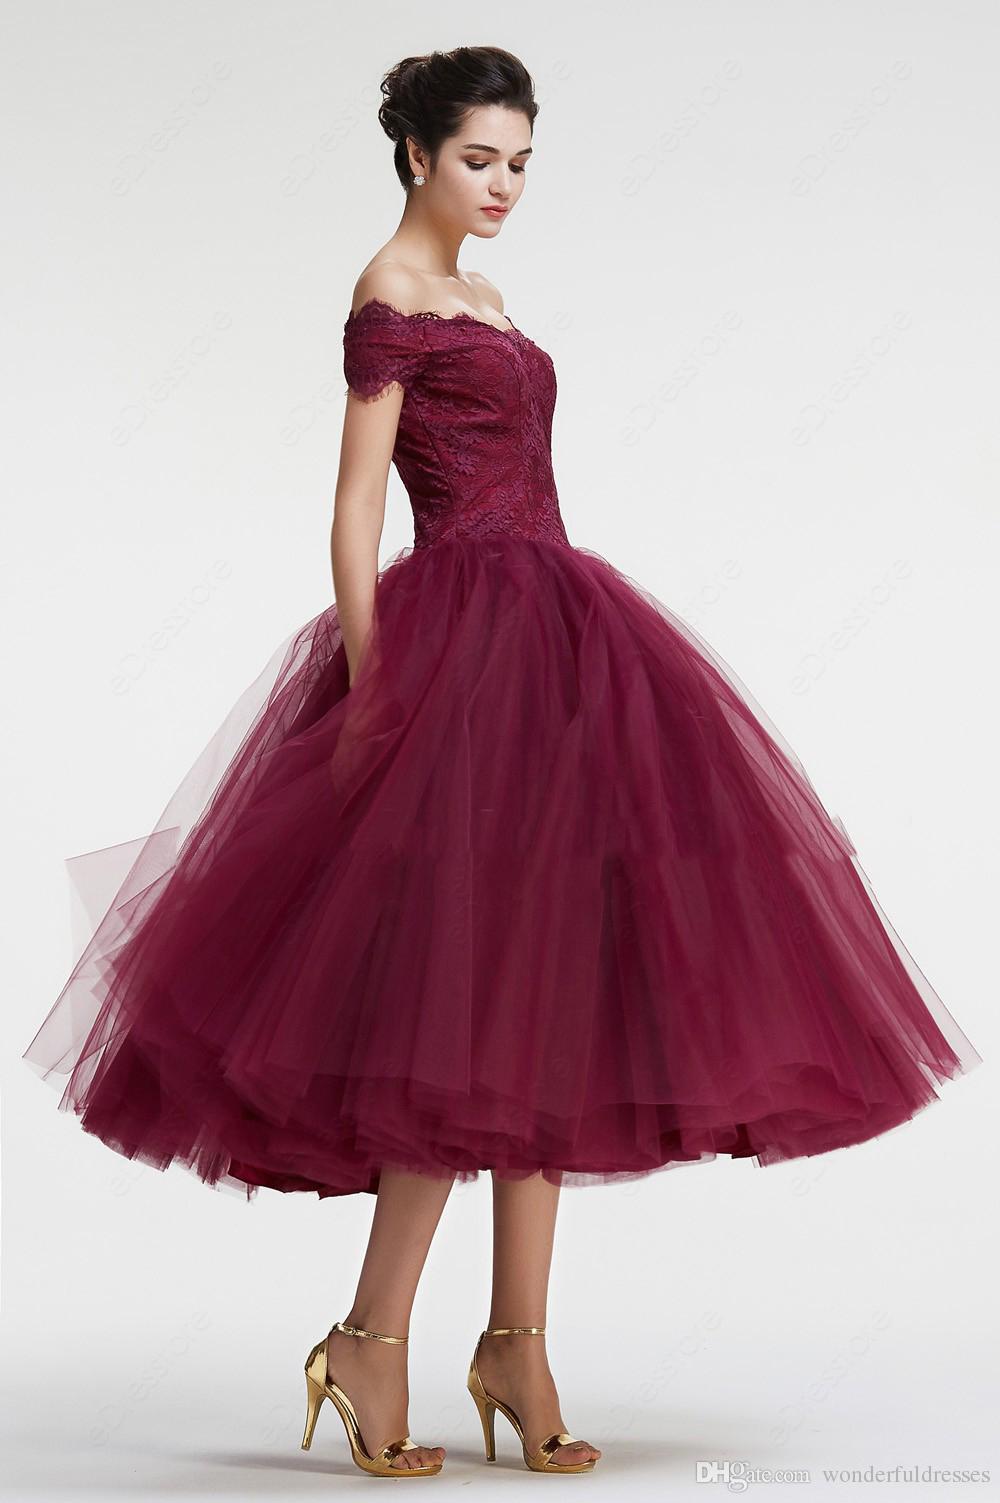 Burgundy Off The Shoulder Ball Gown Vintage Prom Dresses Tea Length ...